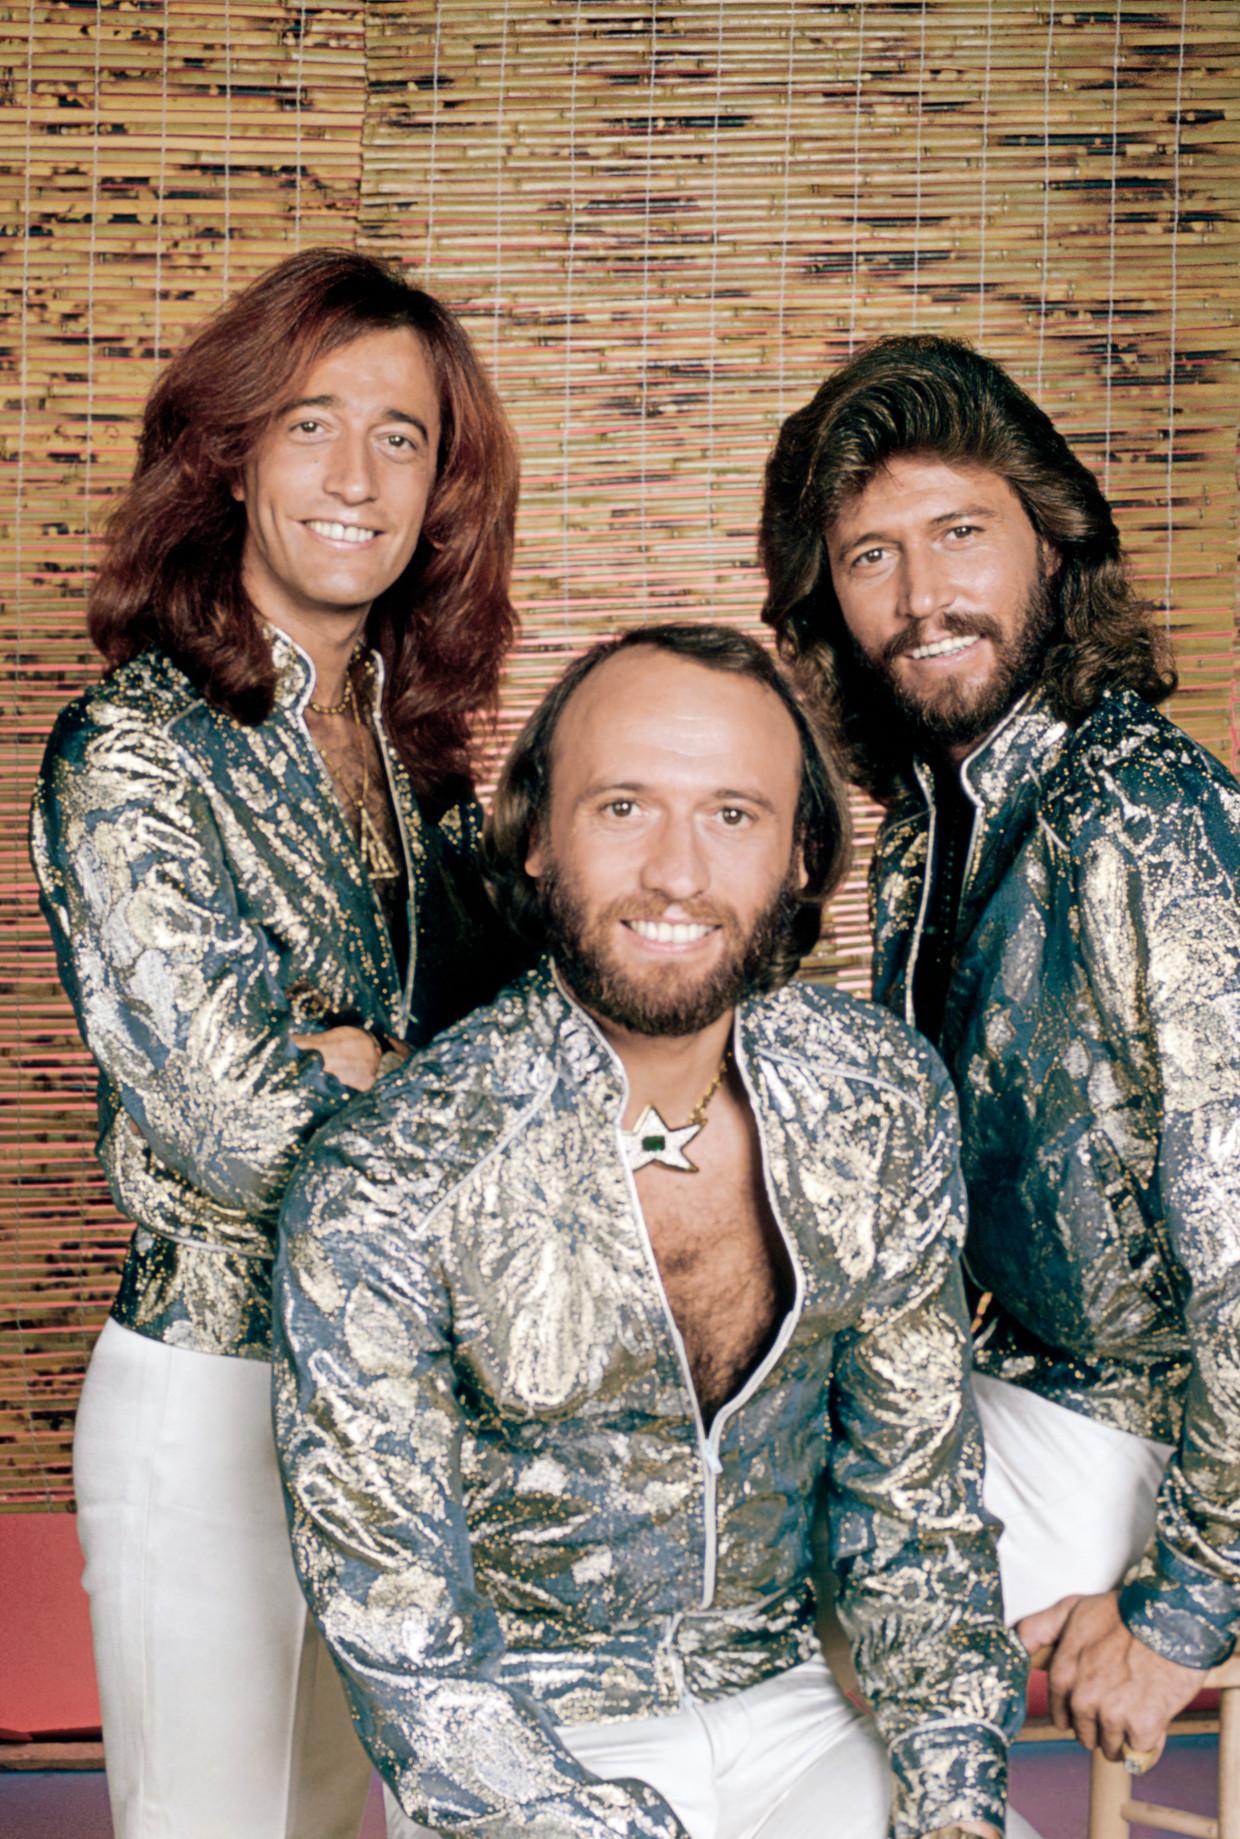 De broers Gibb: Robin (links), Maurice (midden) en Barry (rechts). 'Niets is belangrijker dan familie. Als we nooit succes hadden gehad, hadden we misschien meer plezier gemaakt.' Beeld NBCUniversal via Getty Images